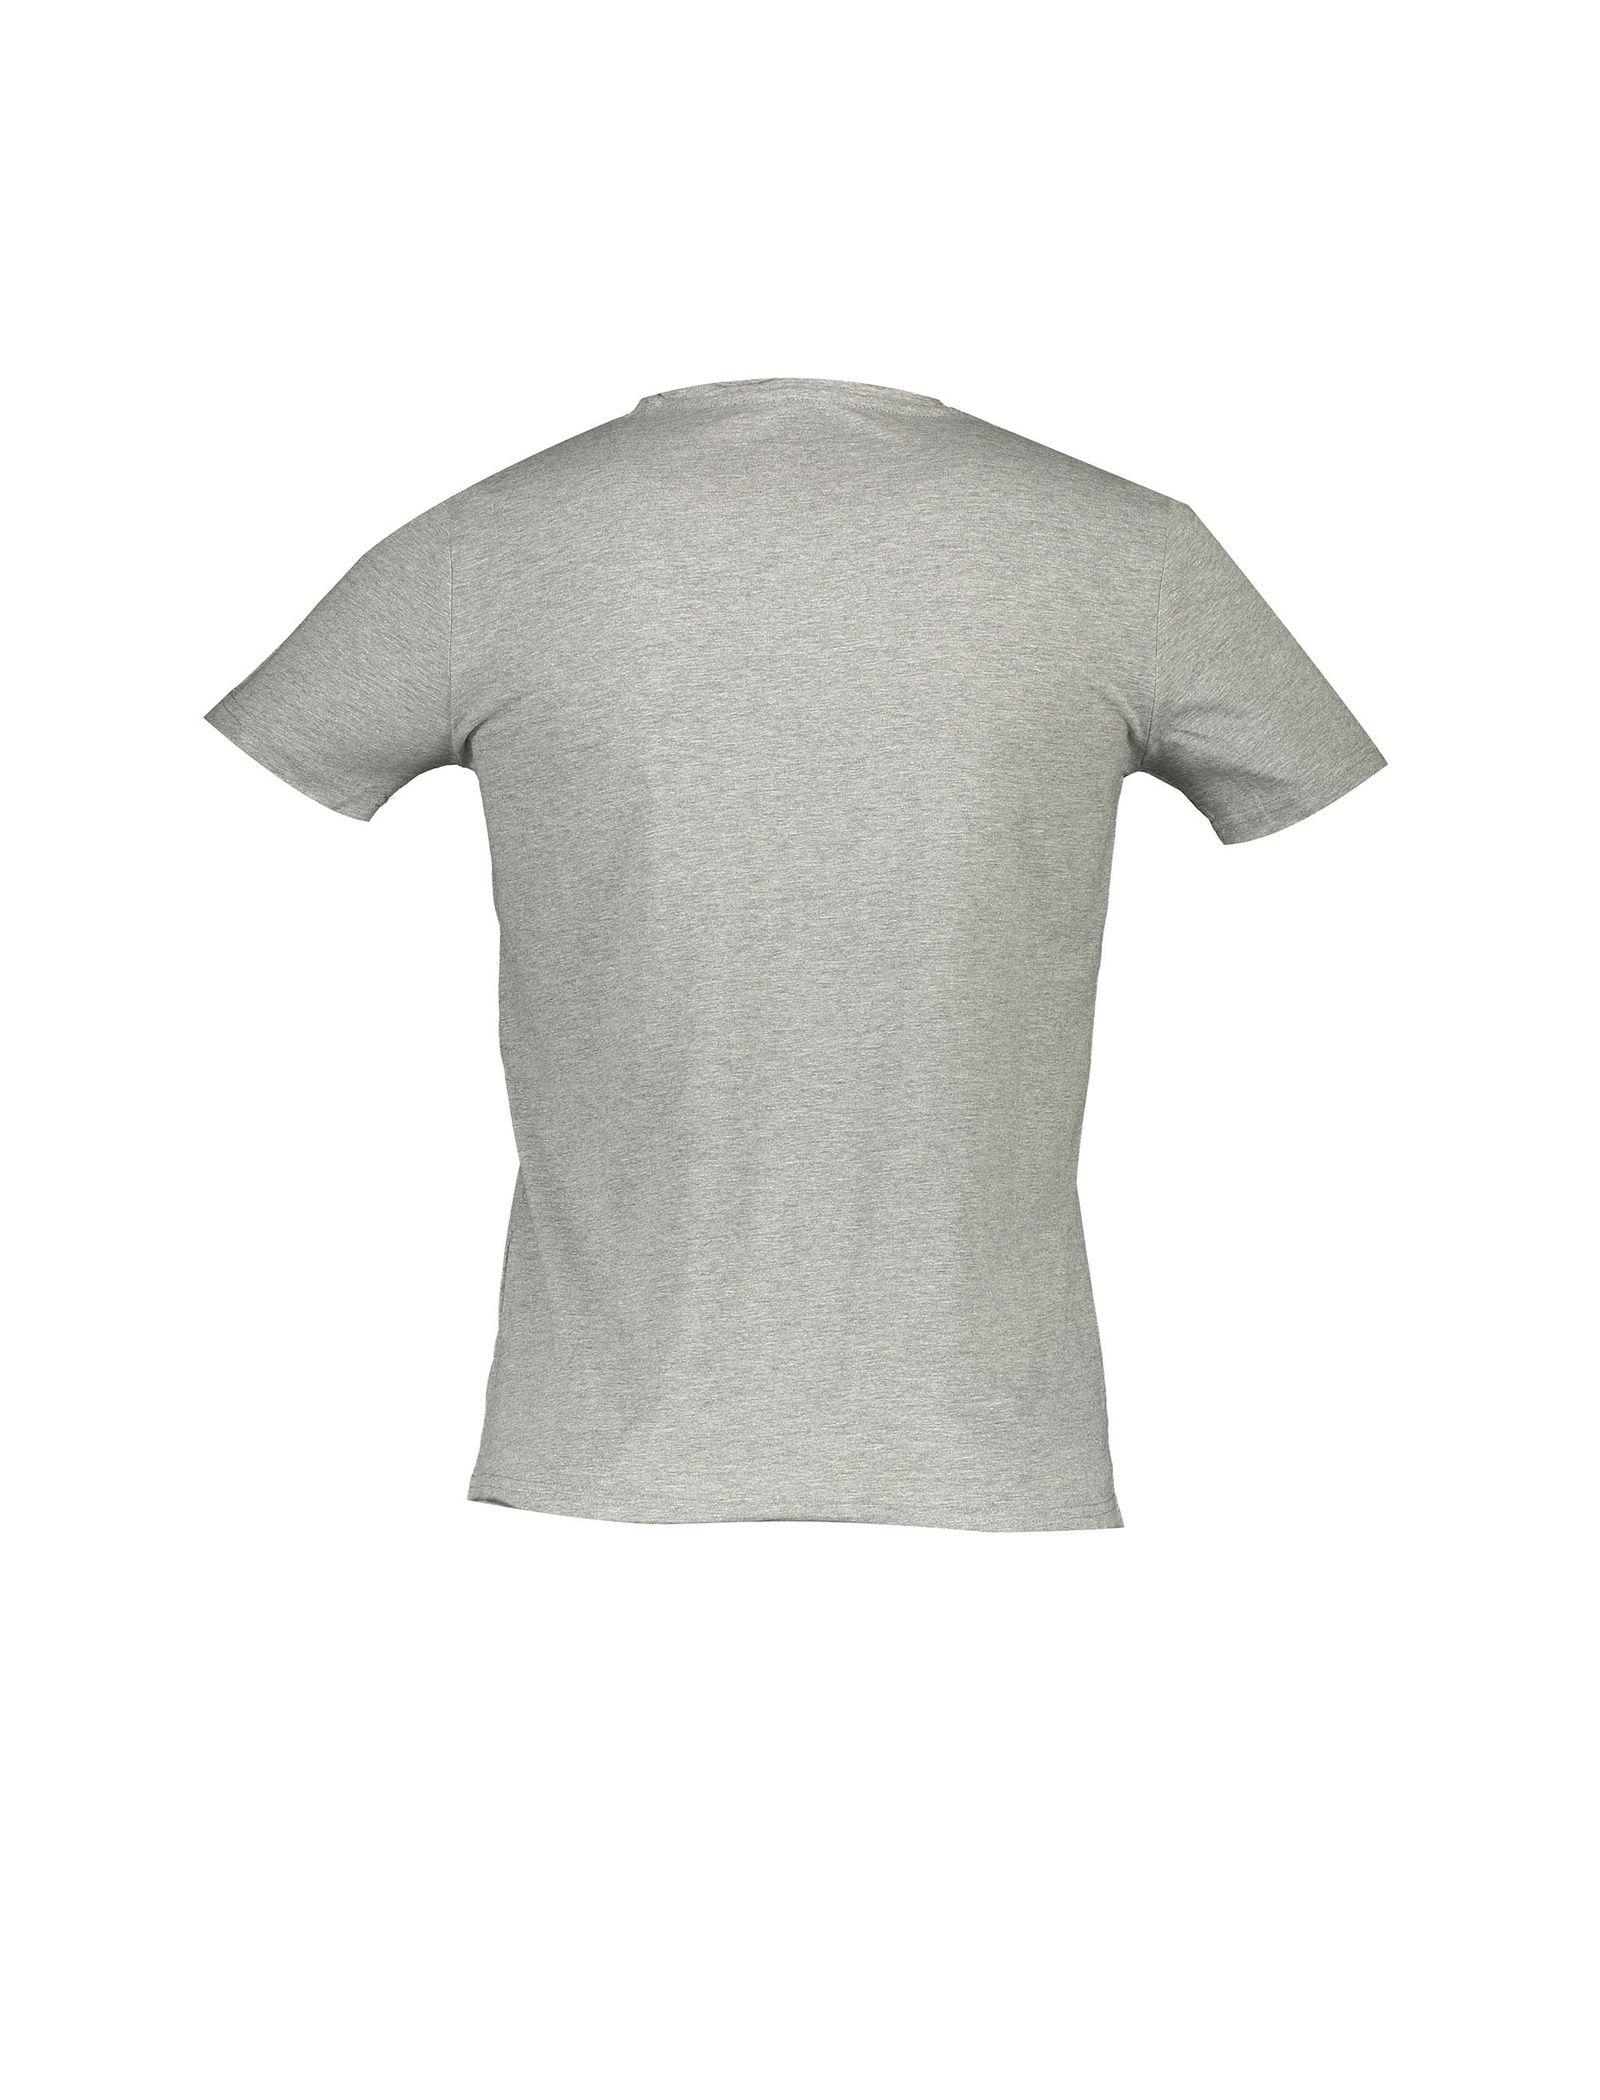 تی شرت نخی یقه گرد مردانه - یوپیم - طوسي - 2